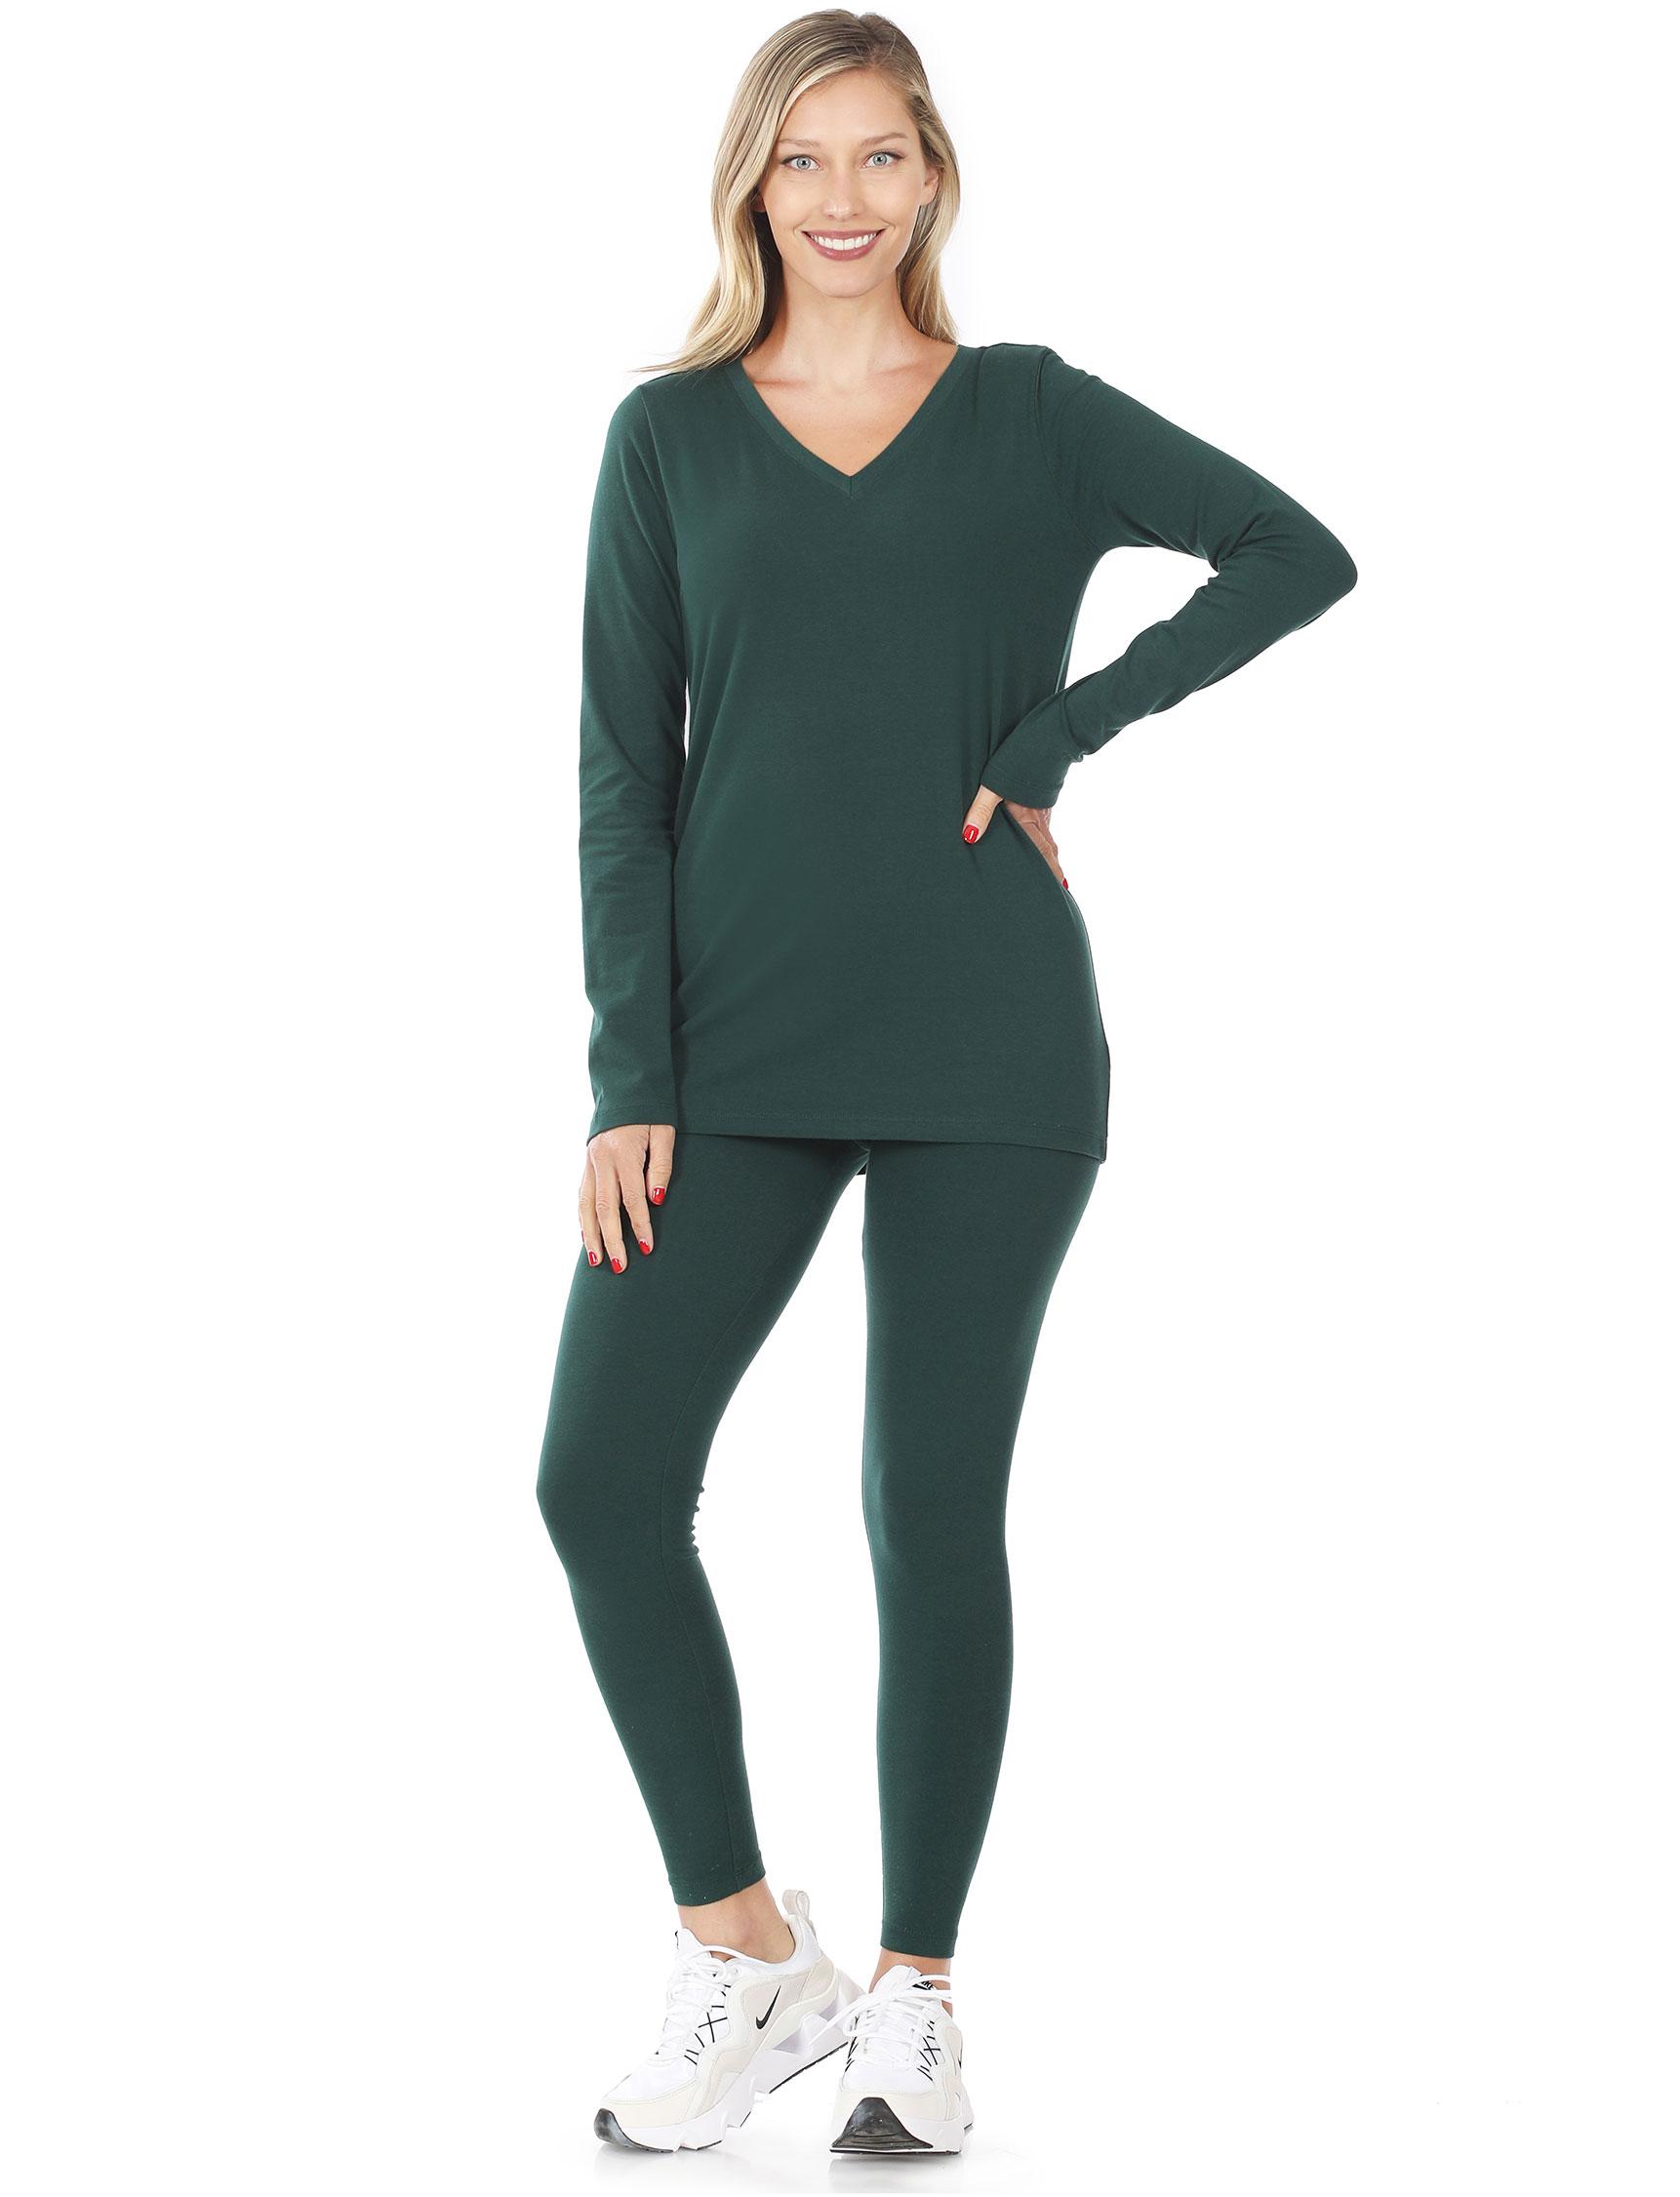 wholesale Set -Cotton V-Neck Top & Leggings 13011